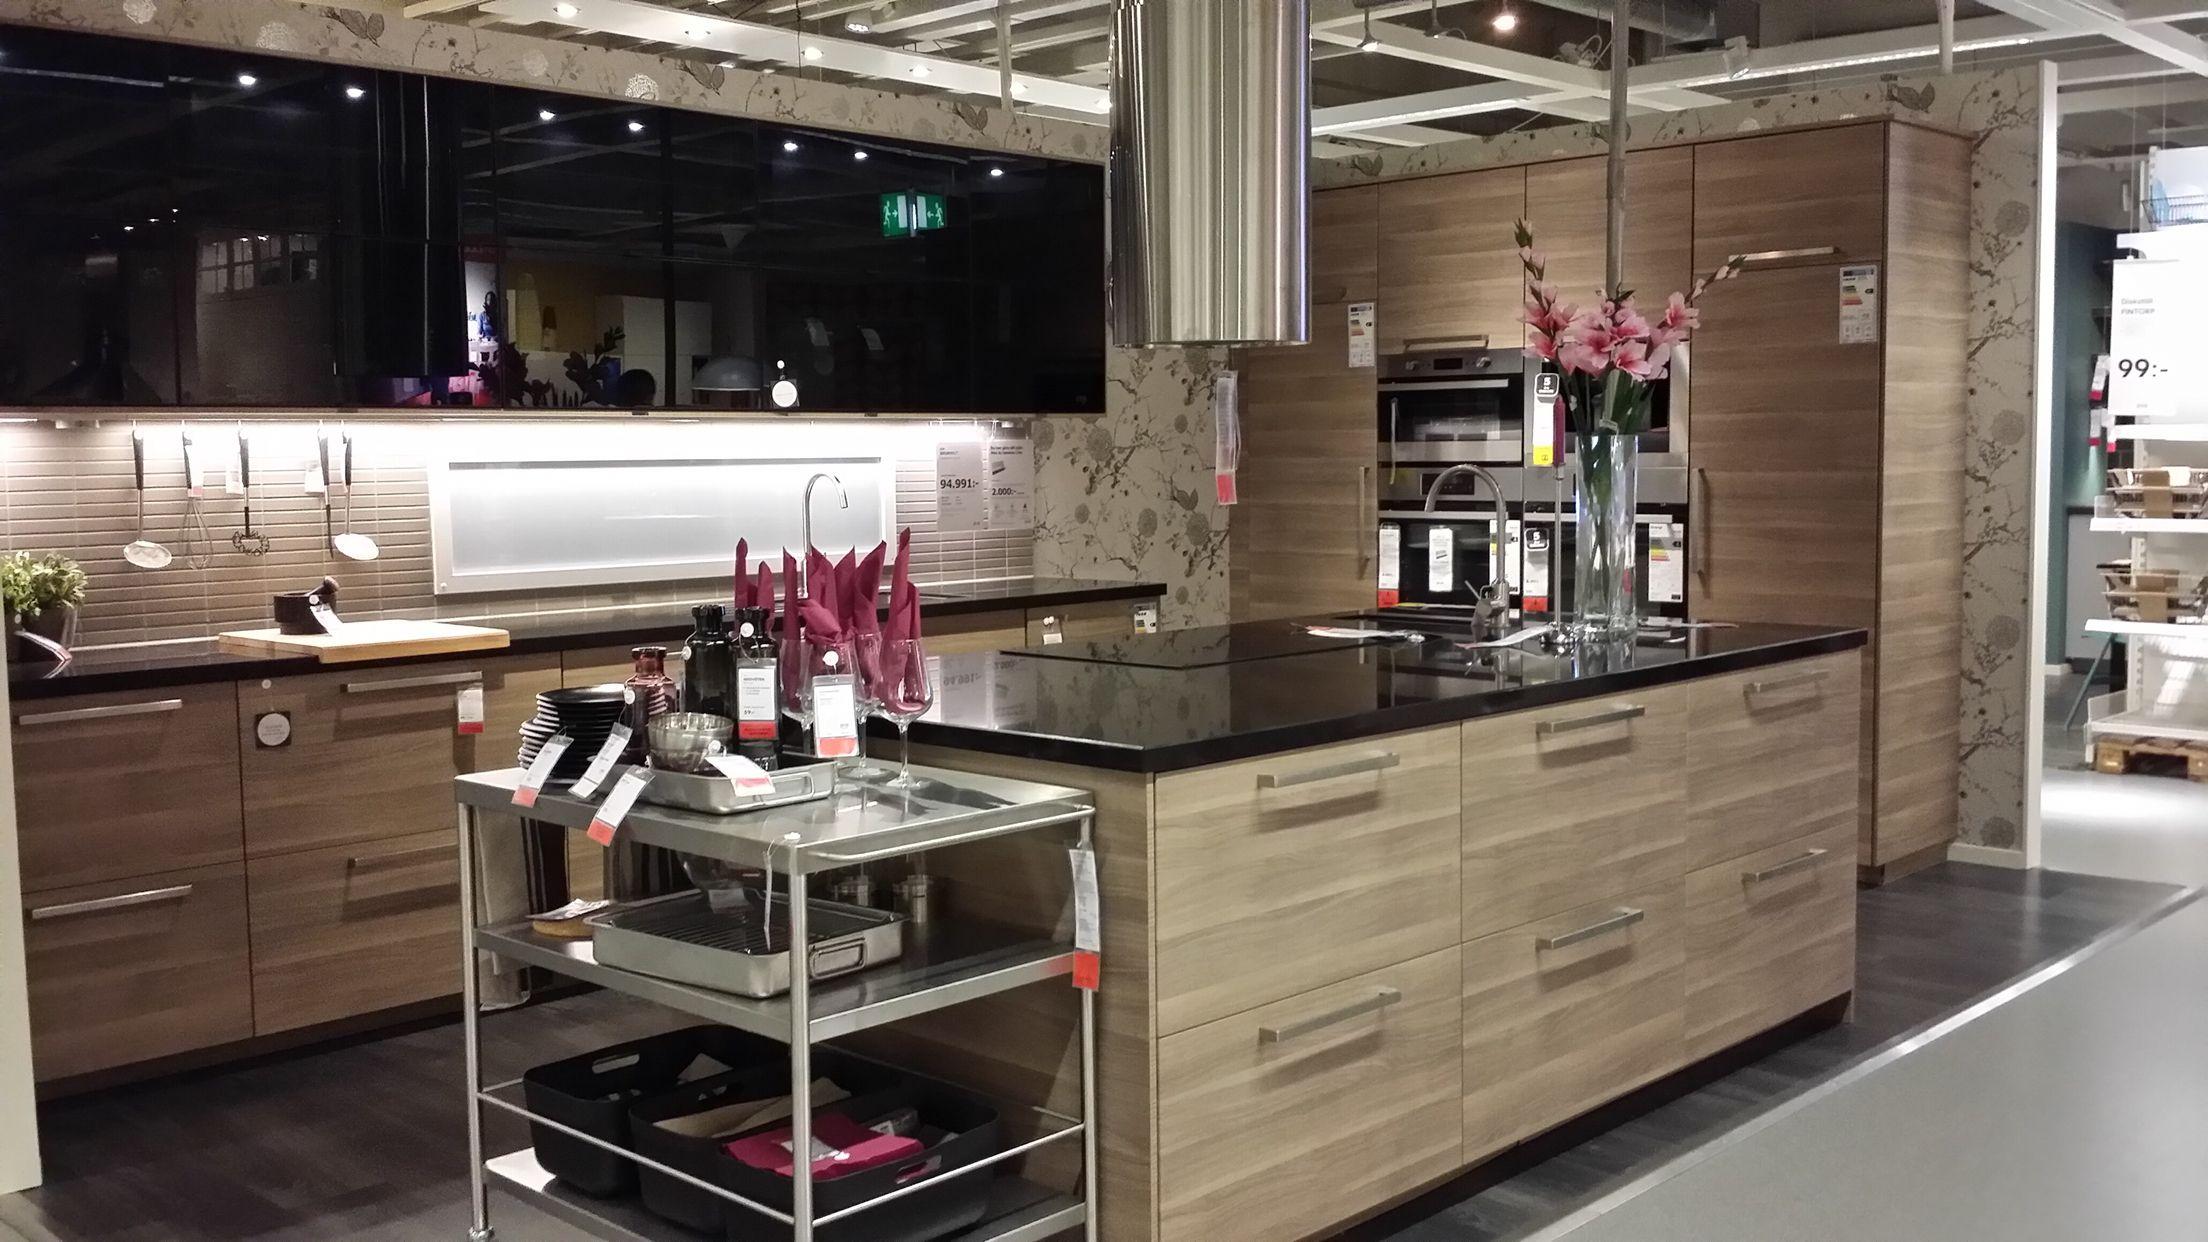 Brokhult ikea cuisine ikea kitchen kitchen et ikea kitchen design - Cuisine moderne ikea ...